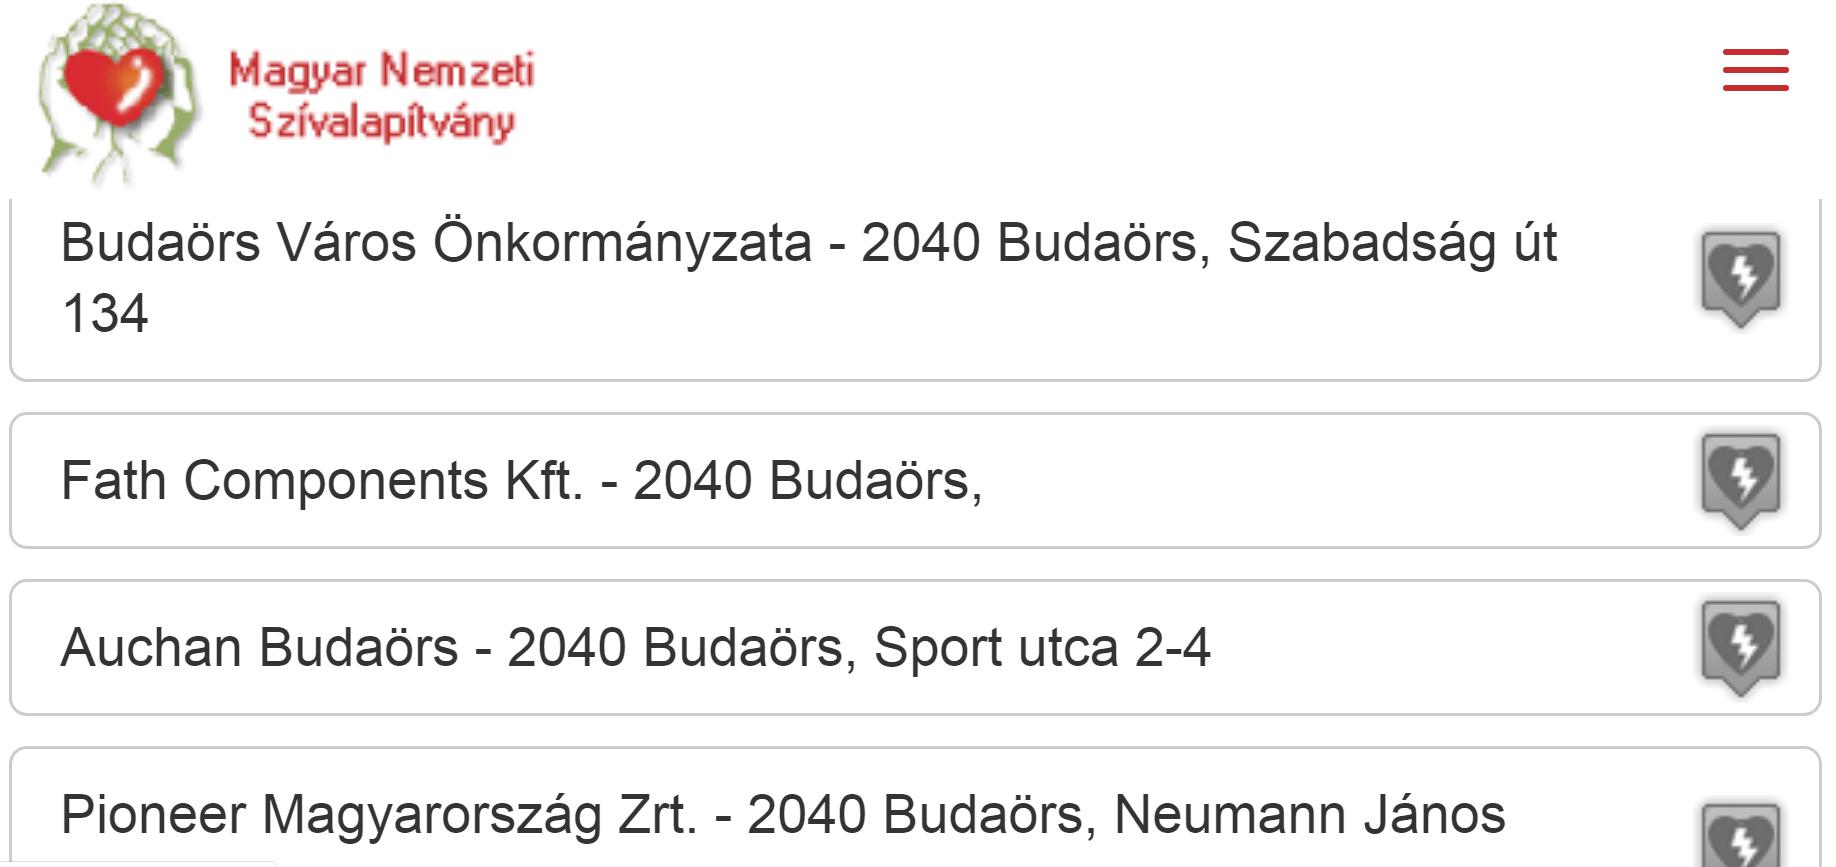 defibrillator_helyszinek_Budaorson